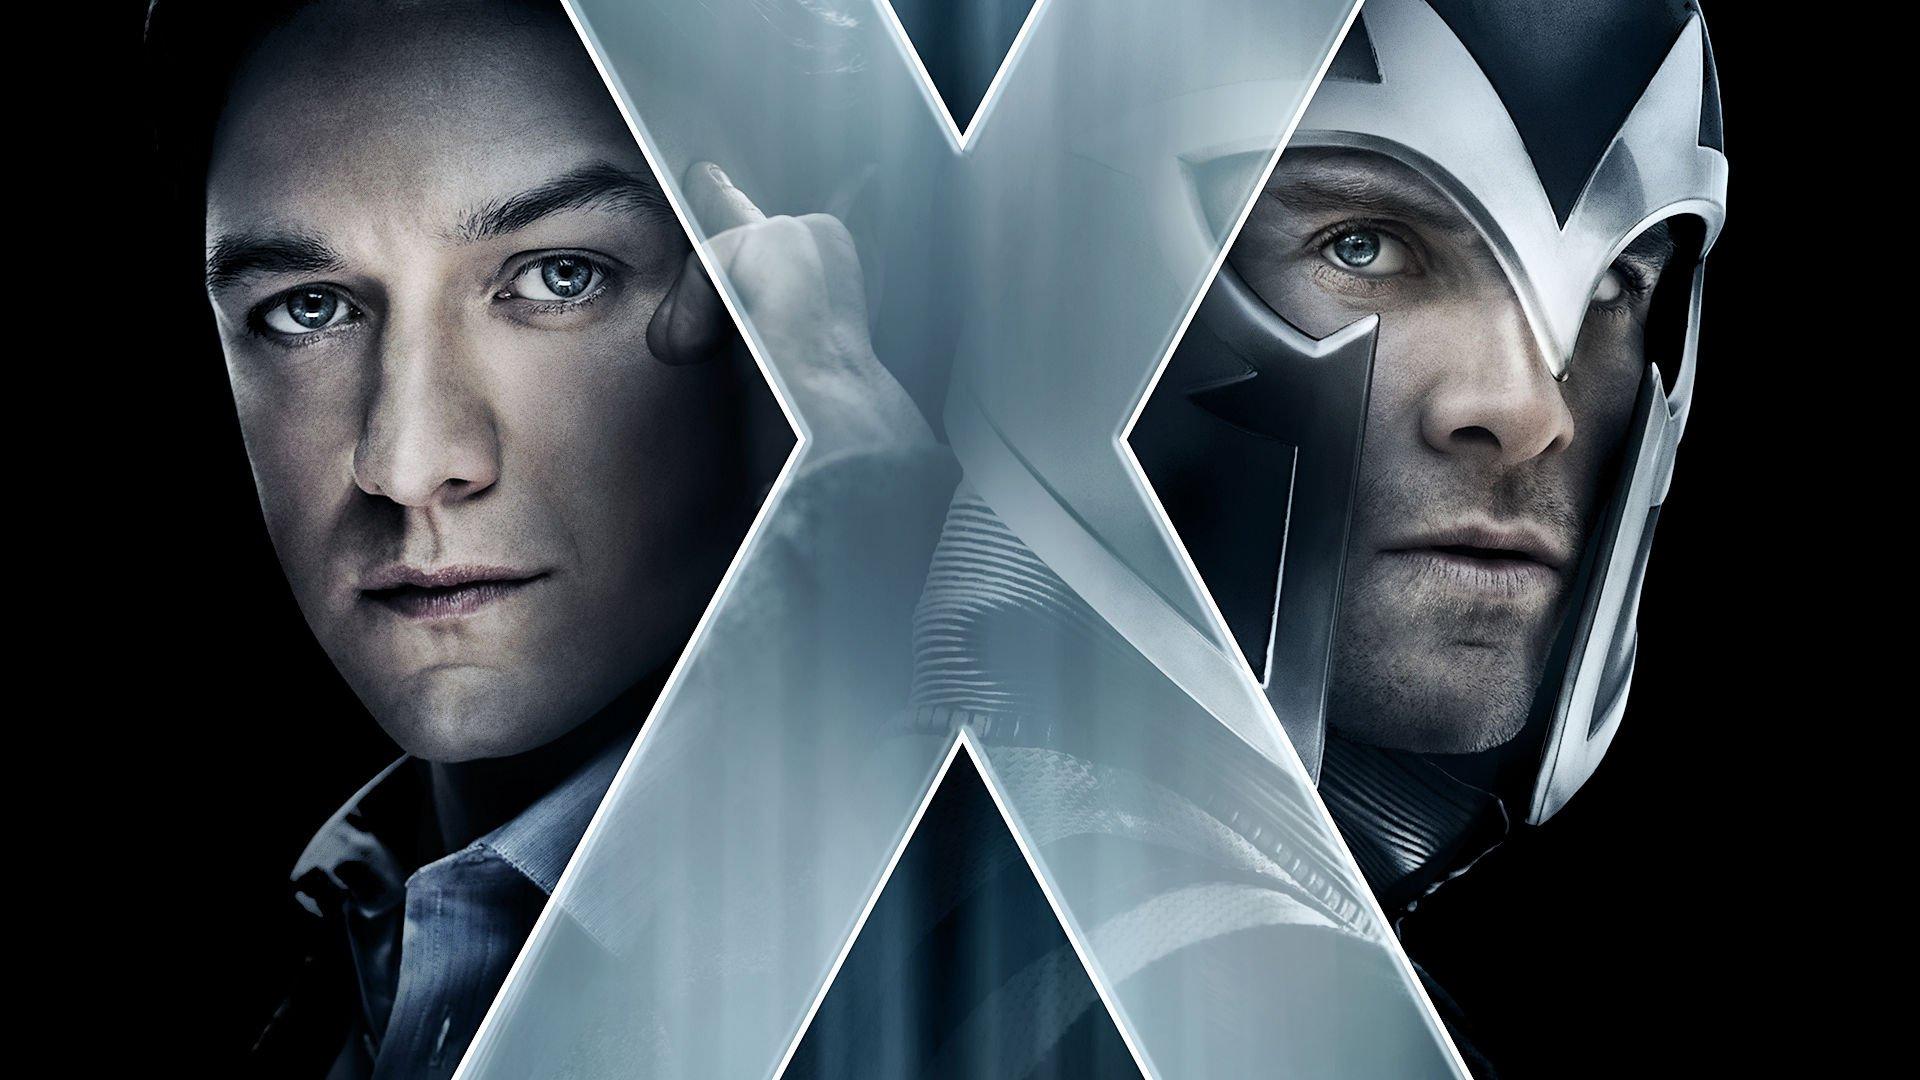 X Men Apocalypse Hd Wallpapers 7wallpapers Net